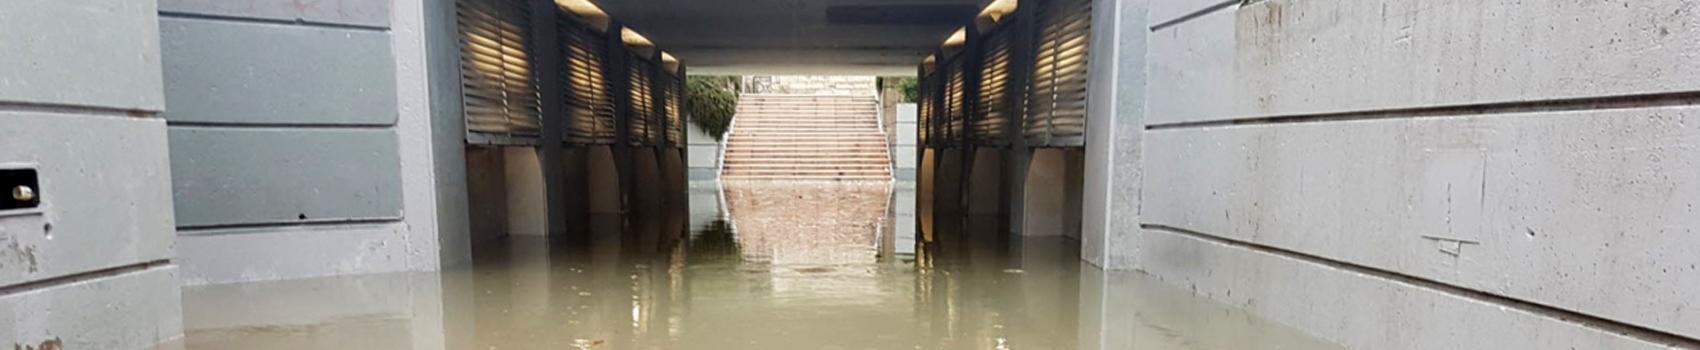 sce-domaine-inondation-par-remontee-de-nappe_1700x350